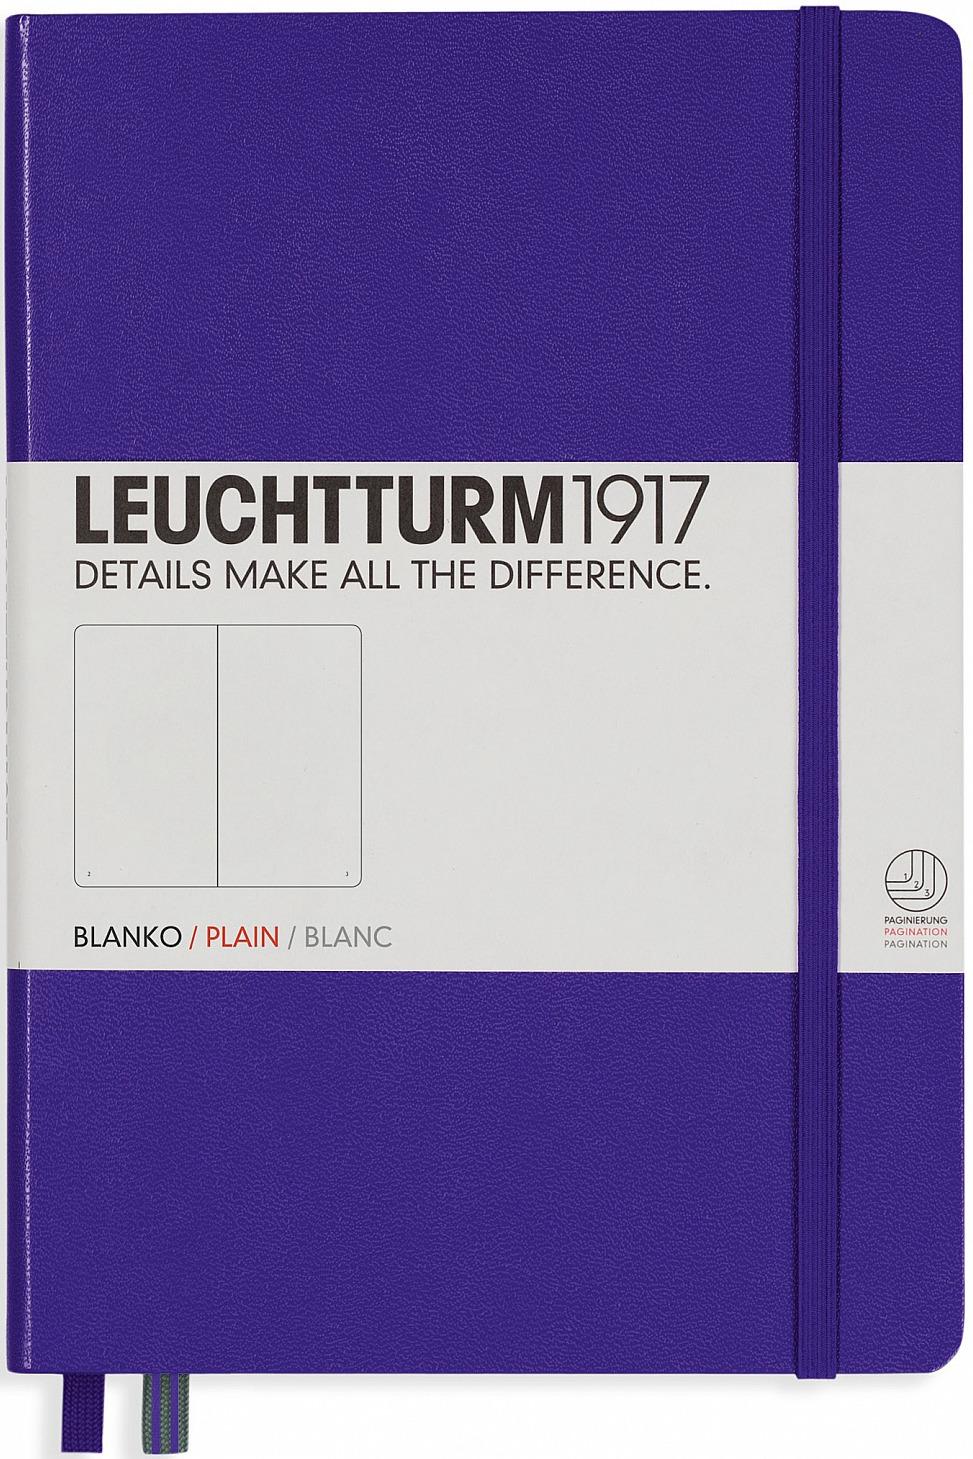 Записная книжка Leuchtturm1917, 346688, сиреневый, A5 (148 x 210 мм), без разметки, 126 листов